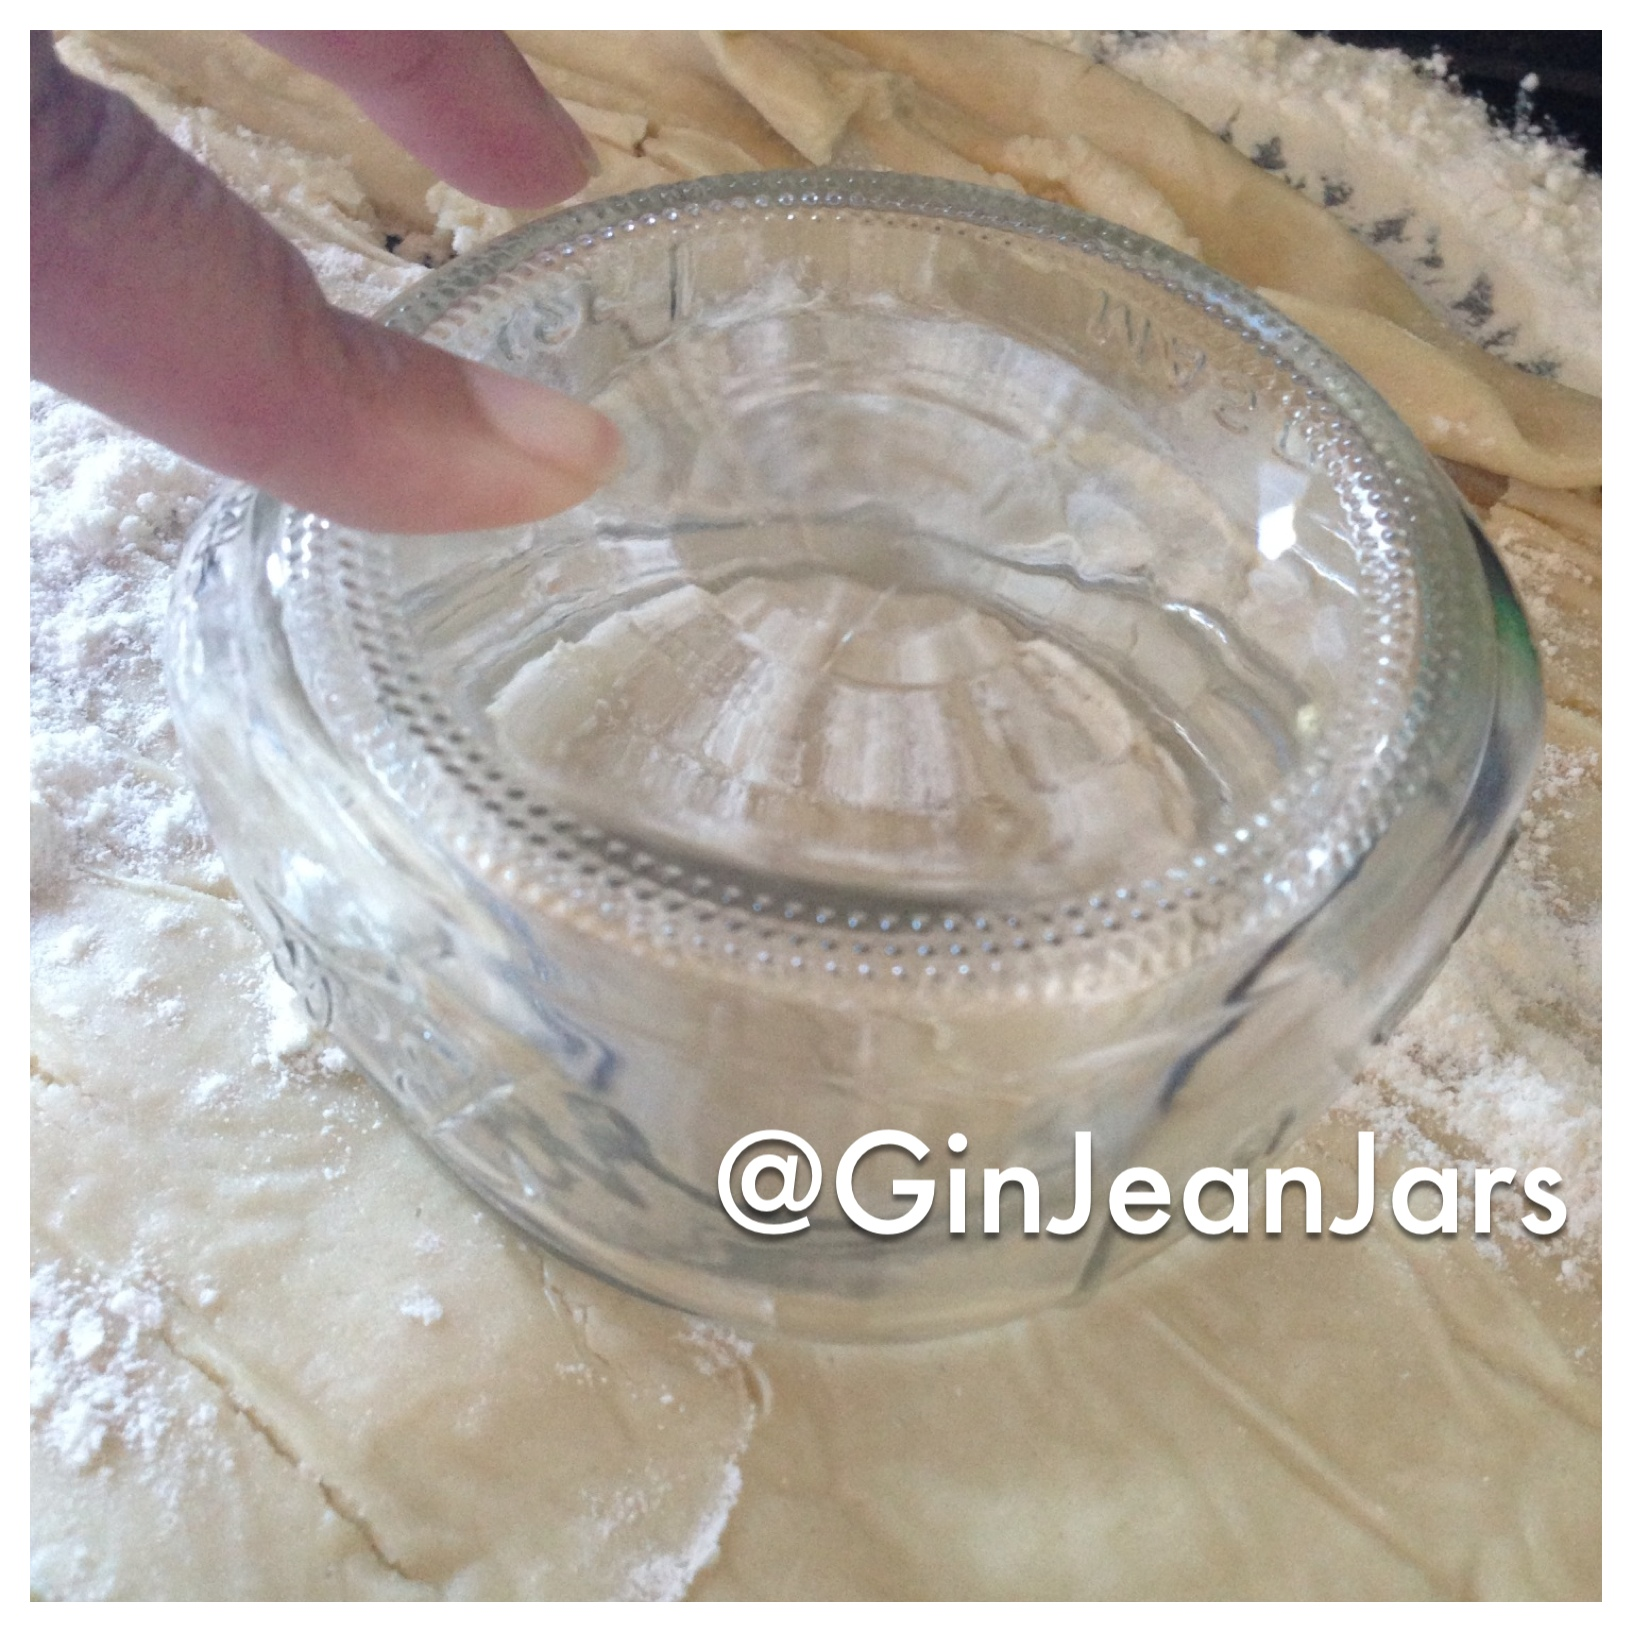 TopCrust Gin Jean Jars